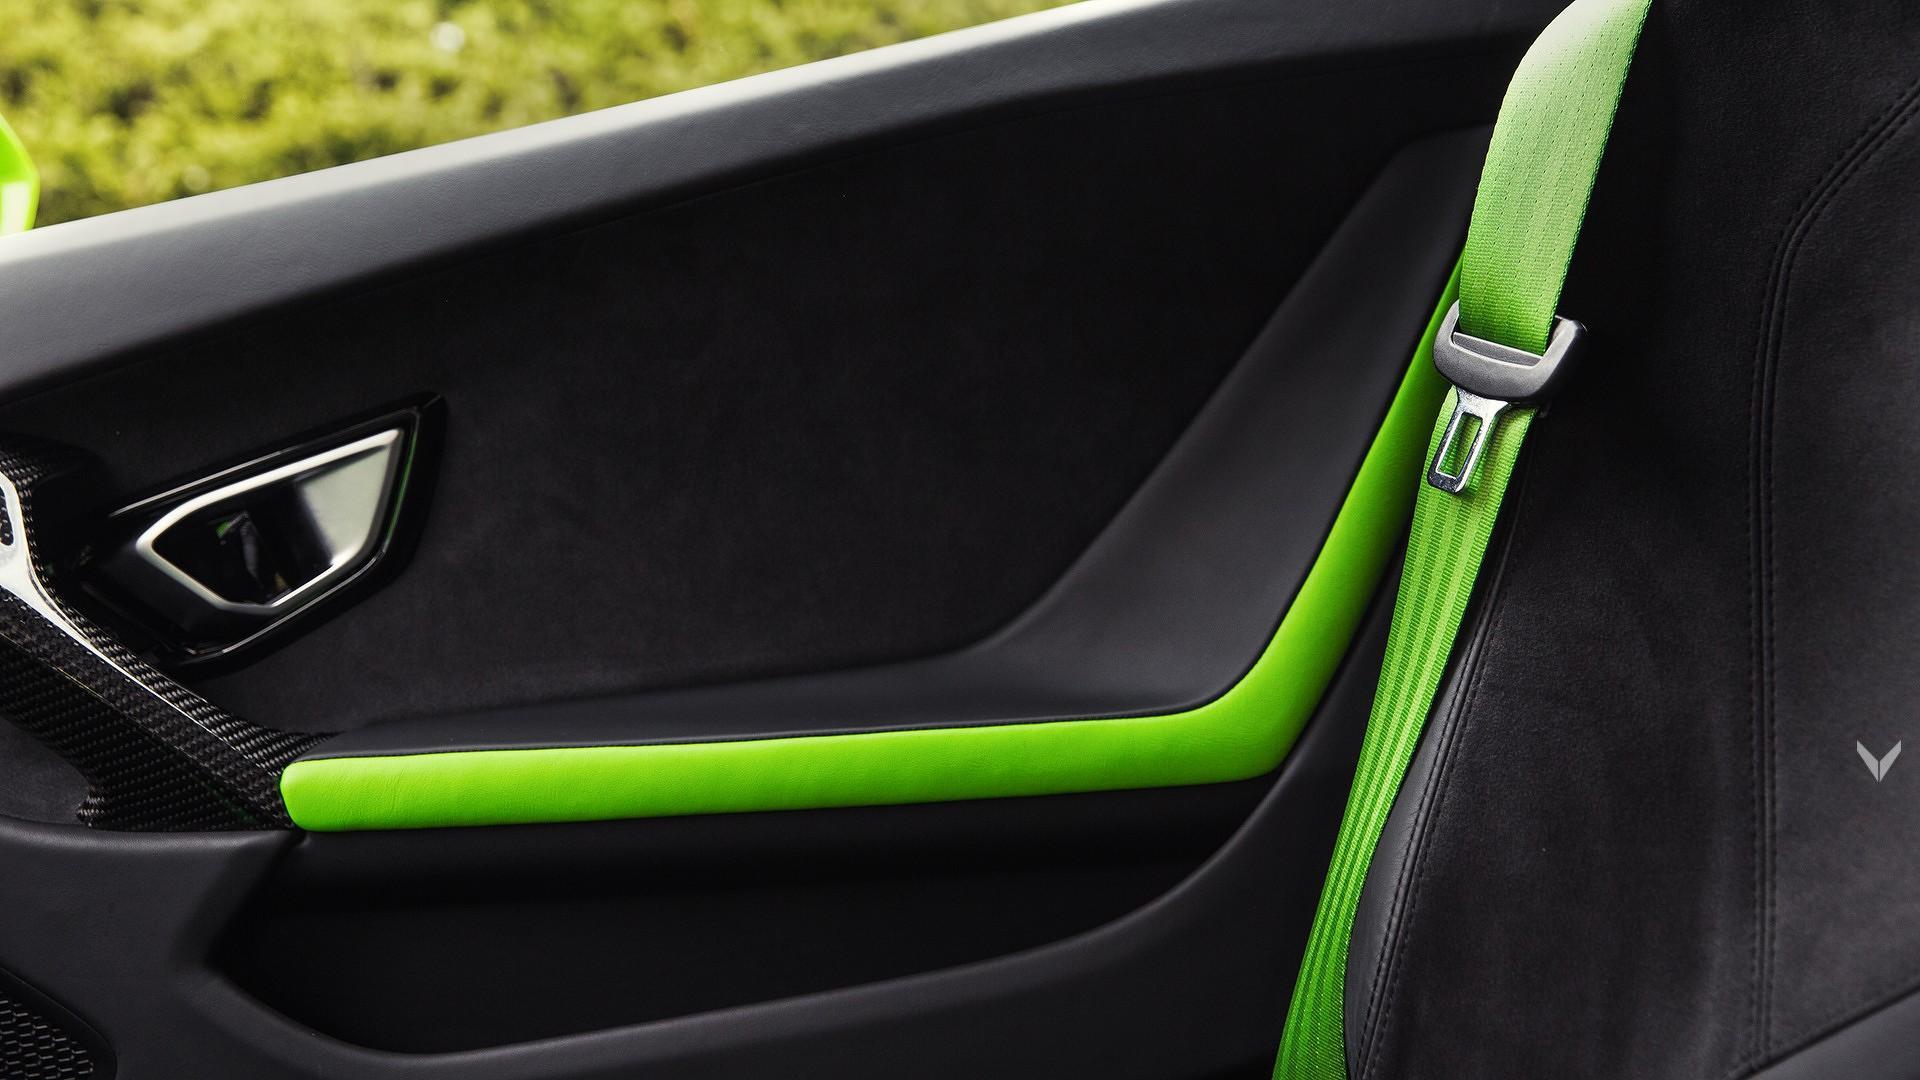 Lamborghini Huracan Verde Mantis Vilner (10)